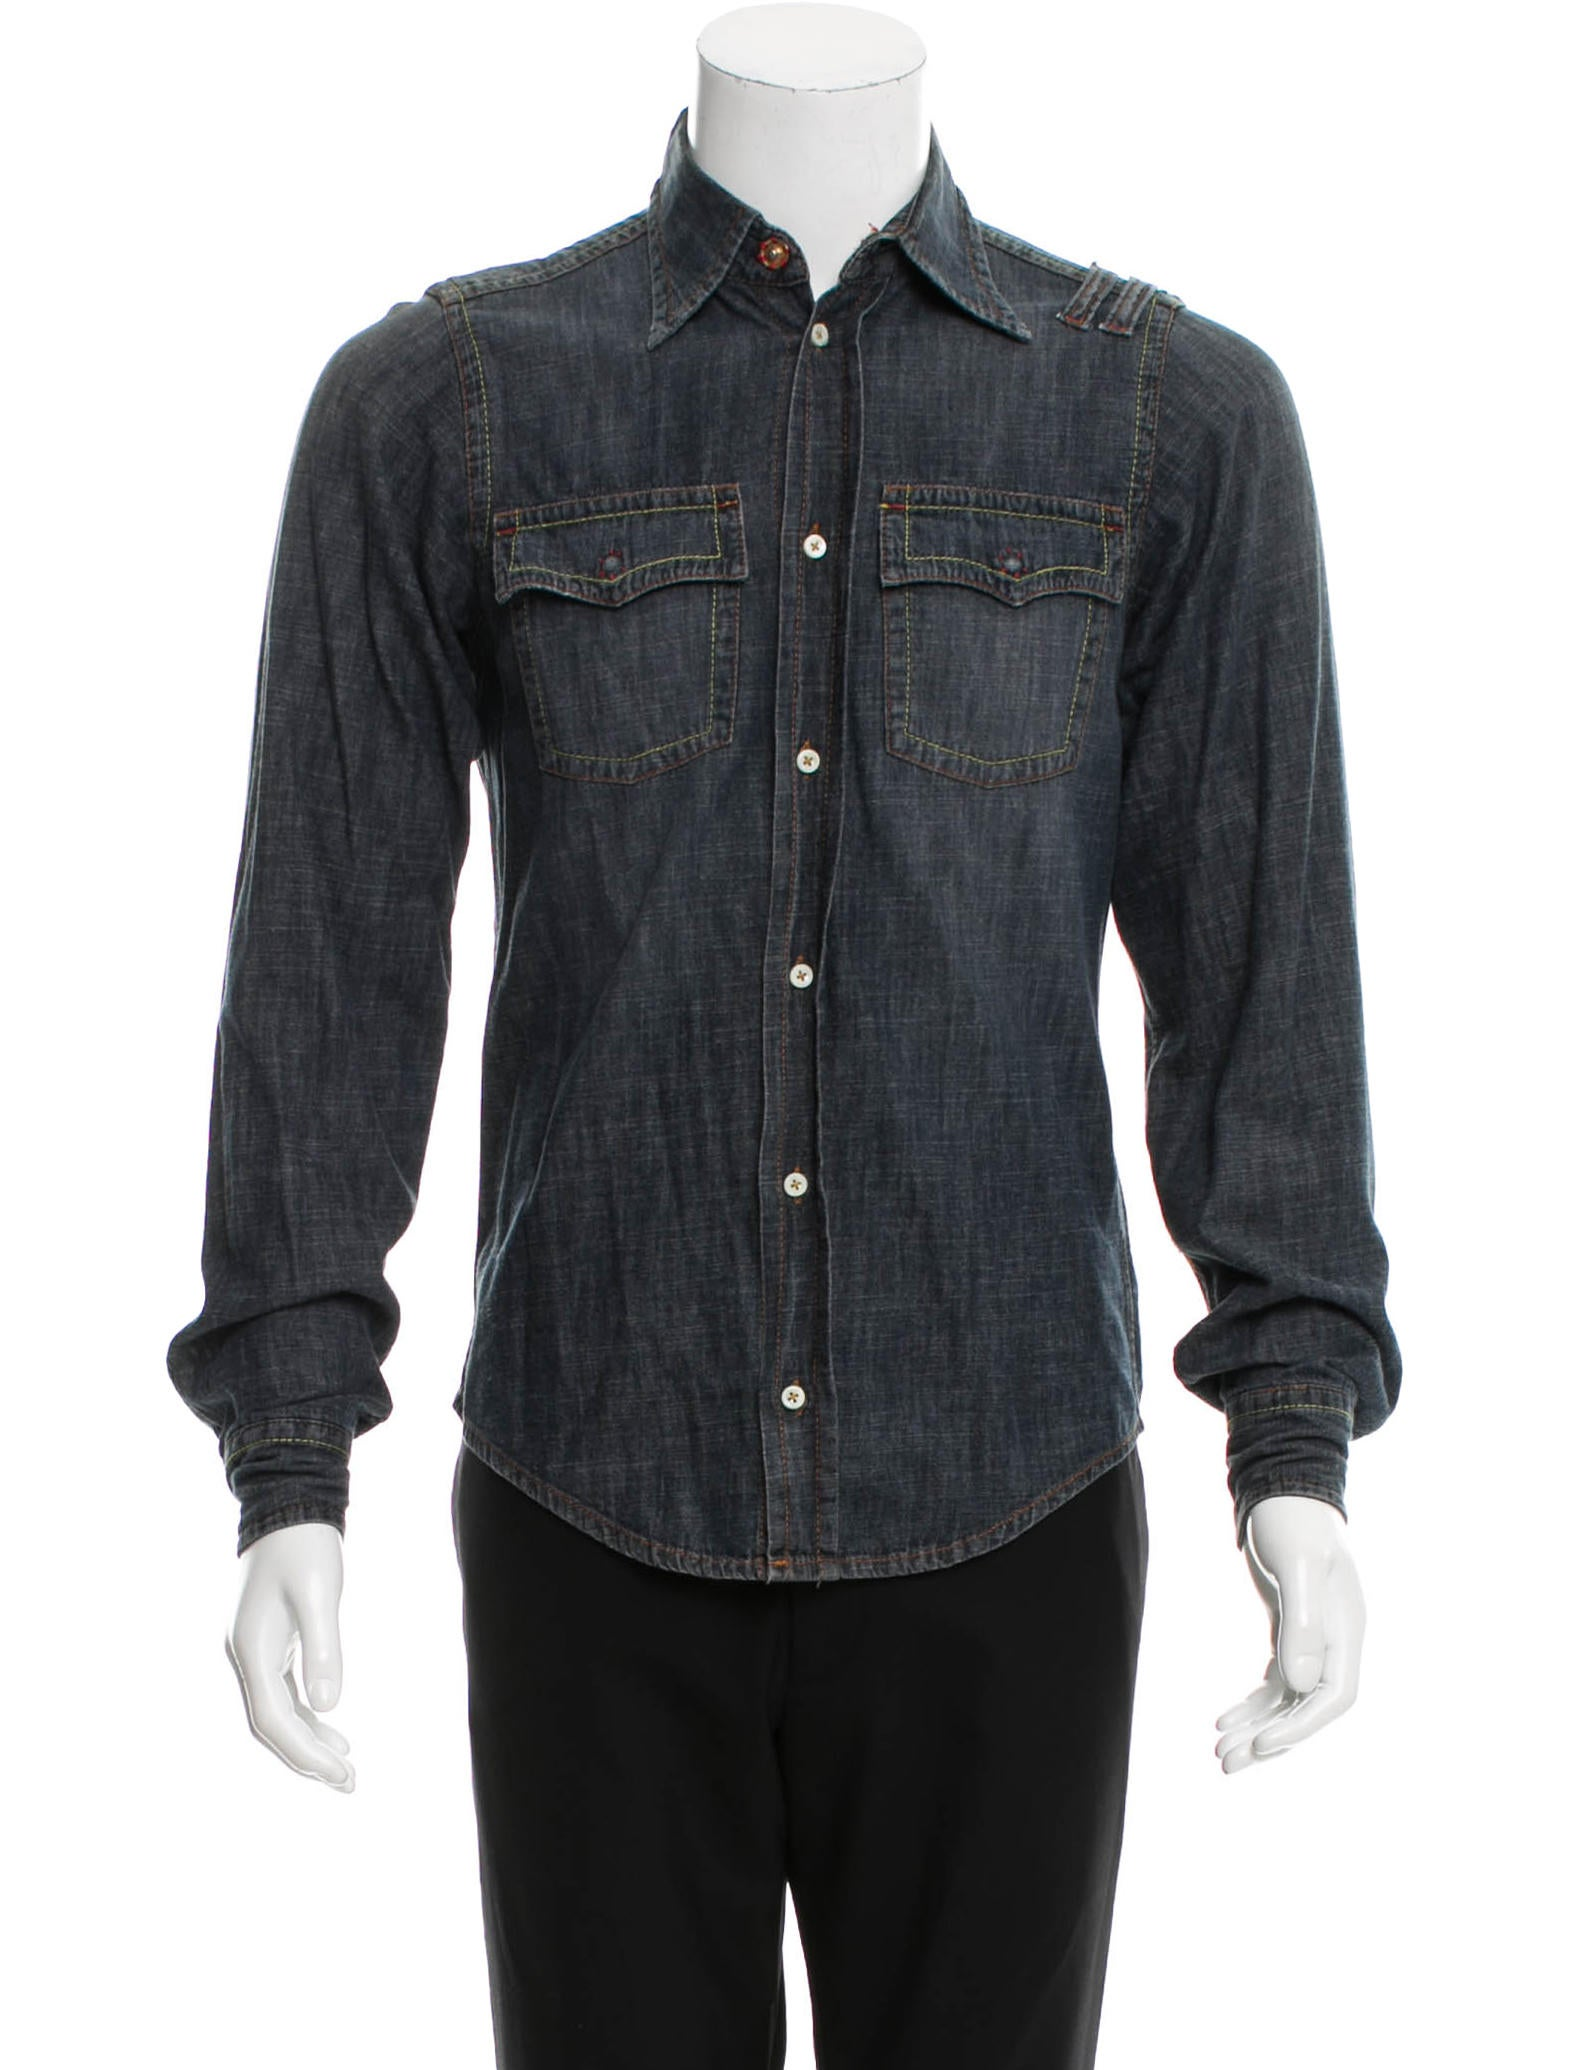 Dsquaredu00b2 Denim Button-Up Shirt - Clothing - DSQ25291 ...